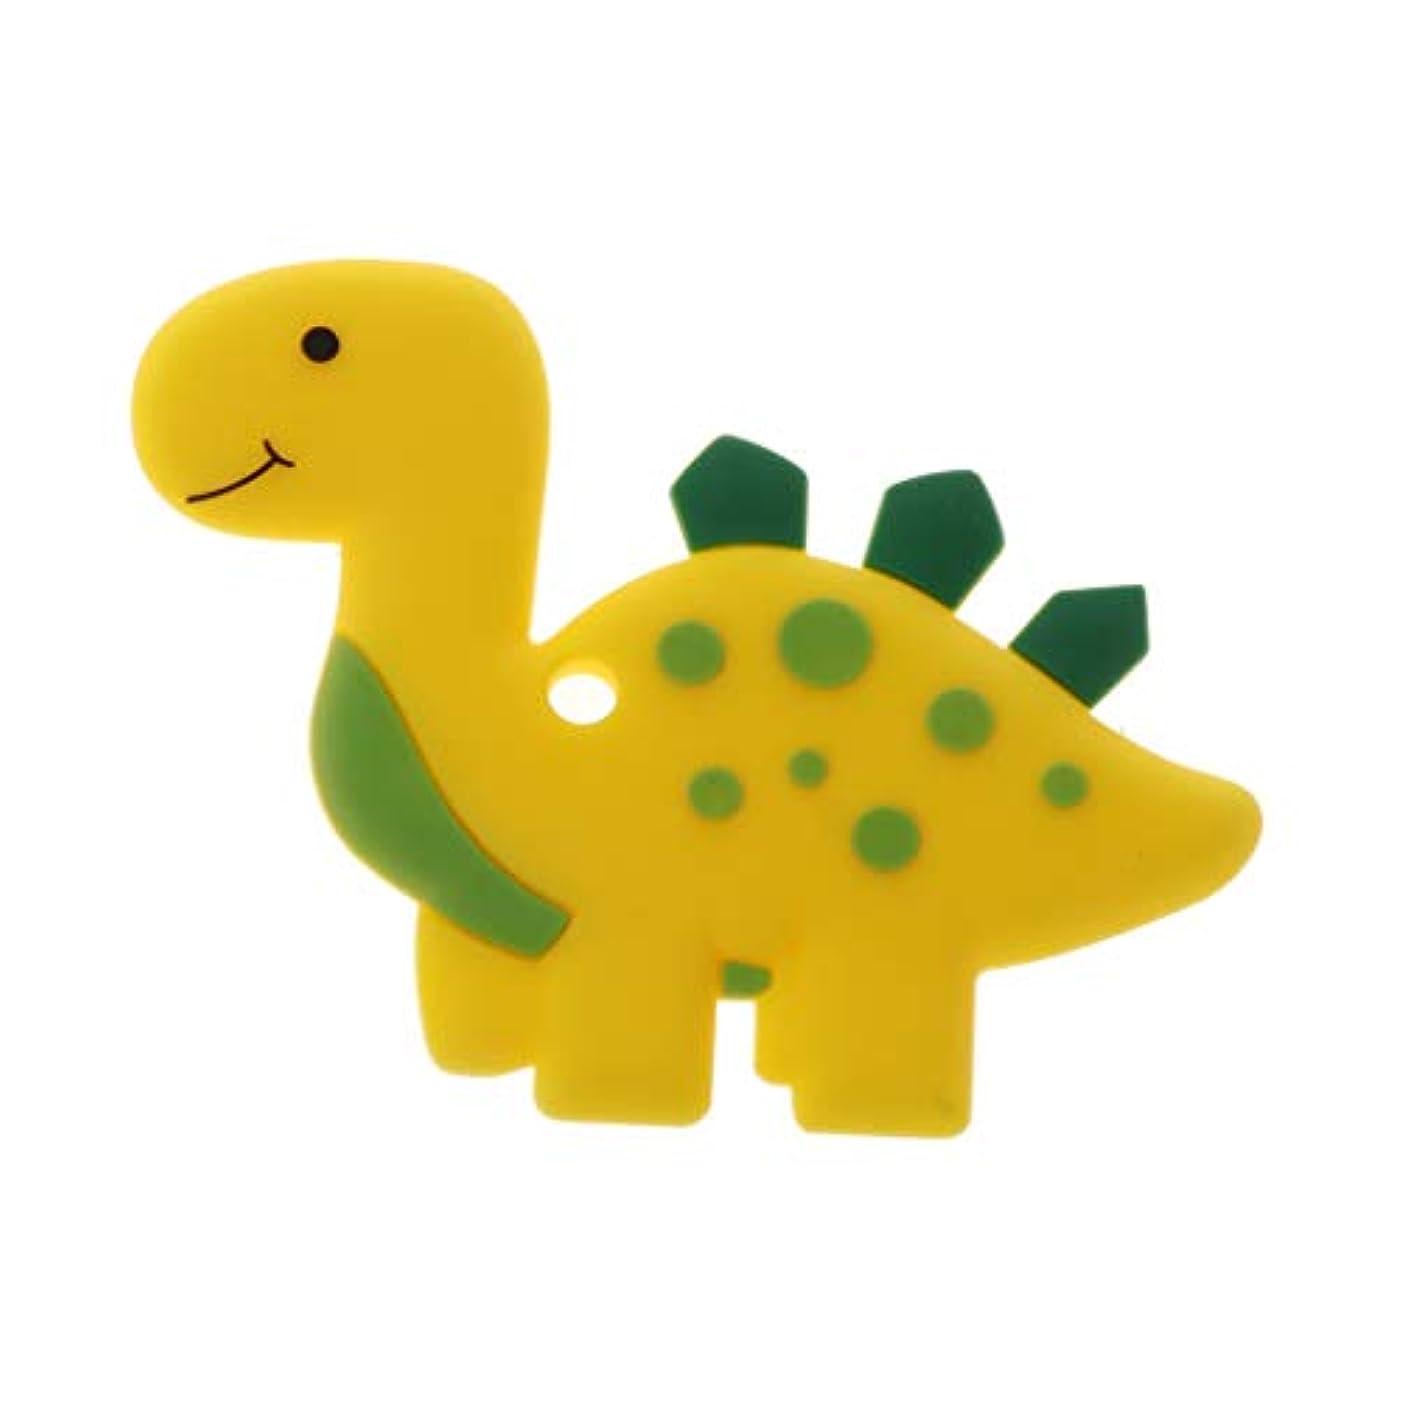 有毒政治家の野ウサギLanddumシリコーンおしゃぶり恐竜おしゃべり赤ちゃん看護玩具かむ玩具歯が生えるガラガラおもちゃ - ロイヤルブルー